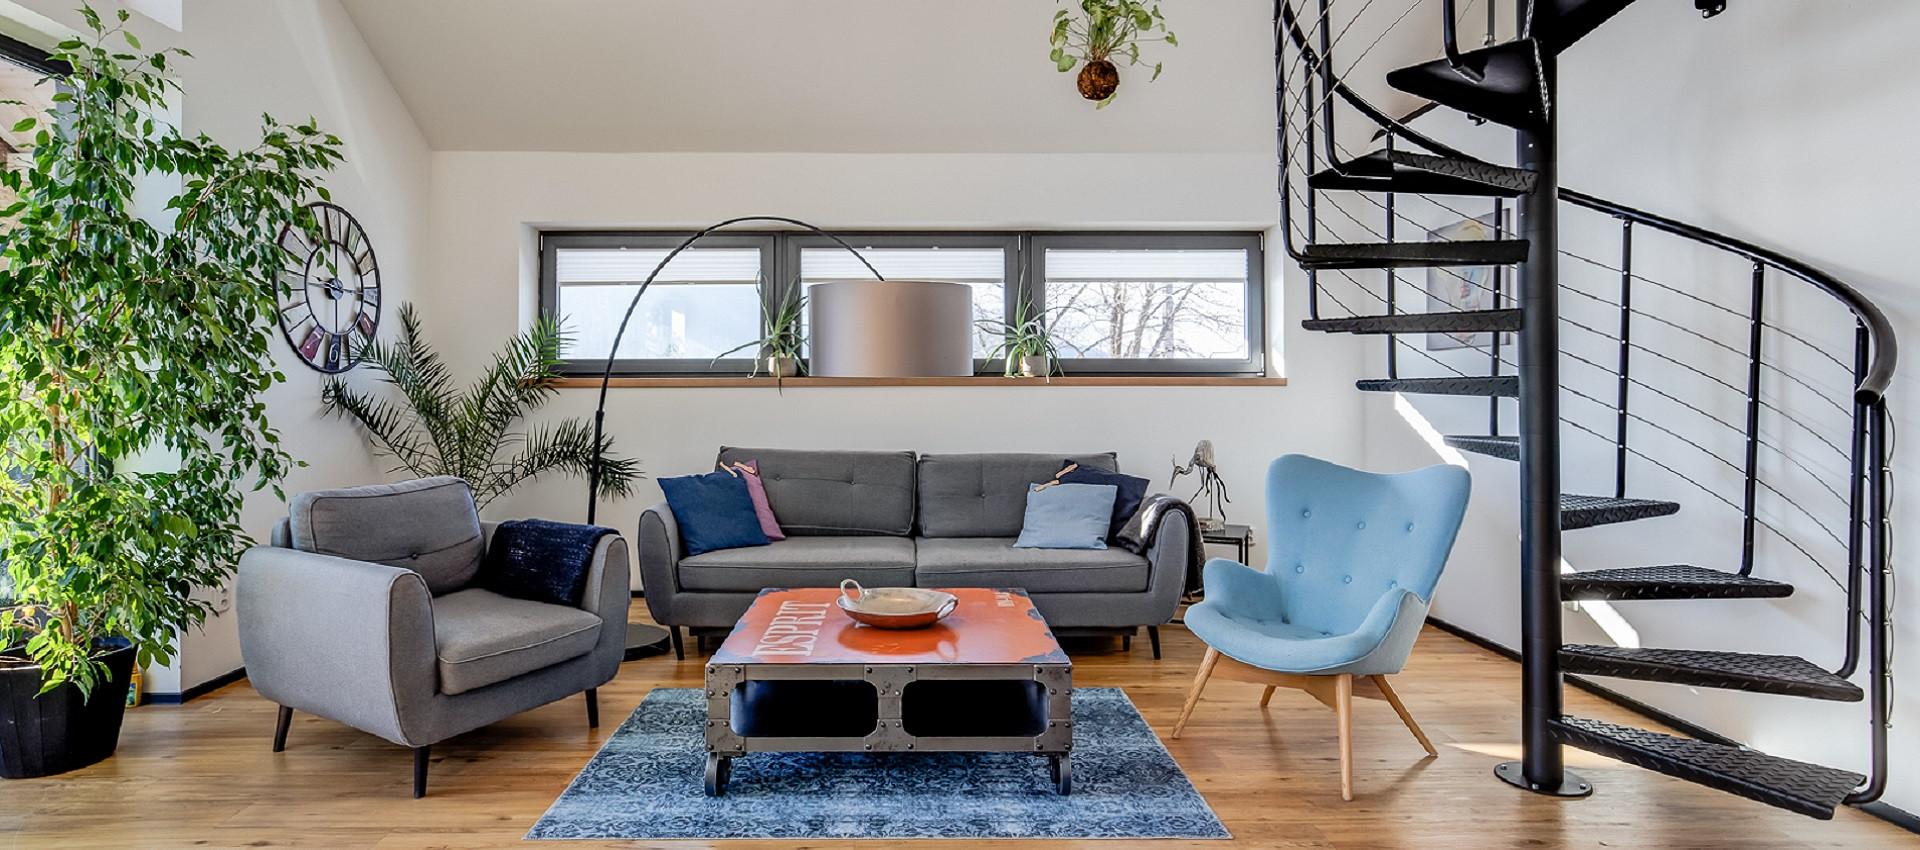 Vyberte si prostorný apartmán